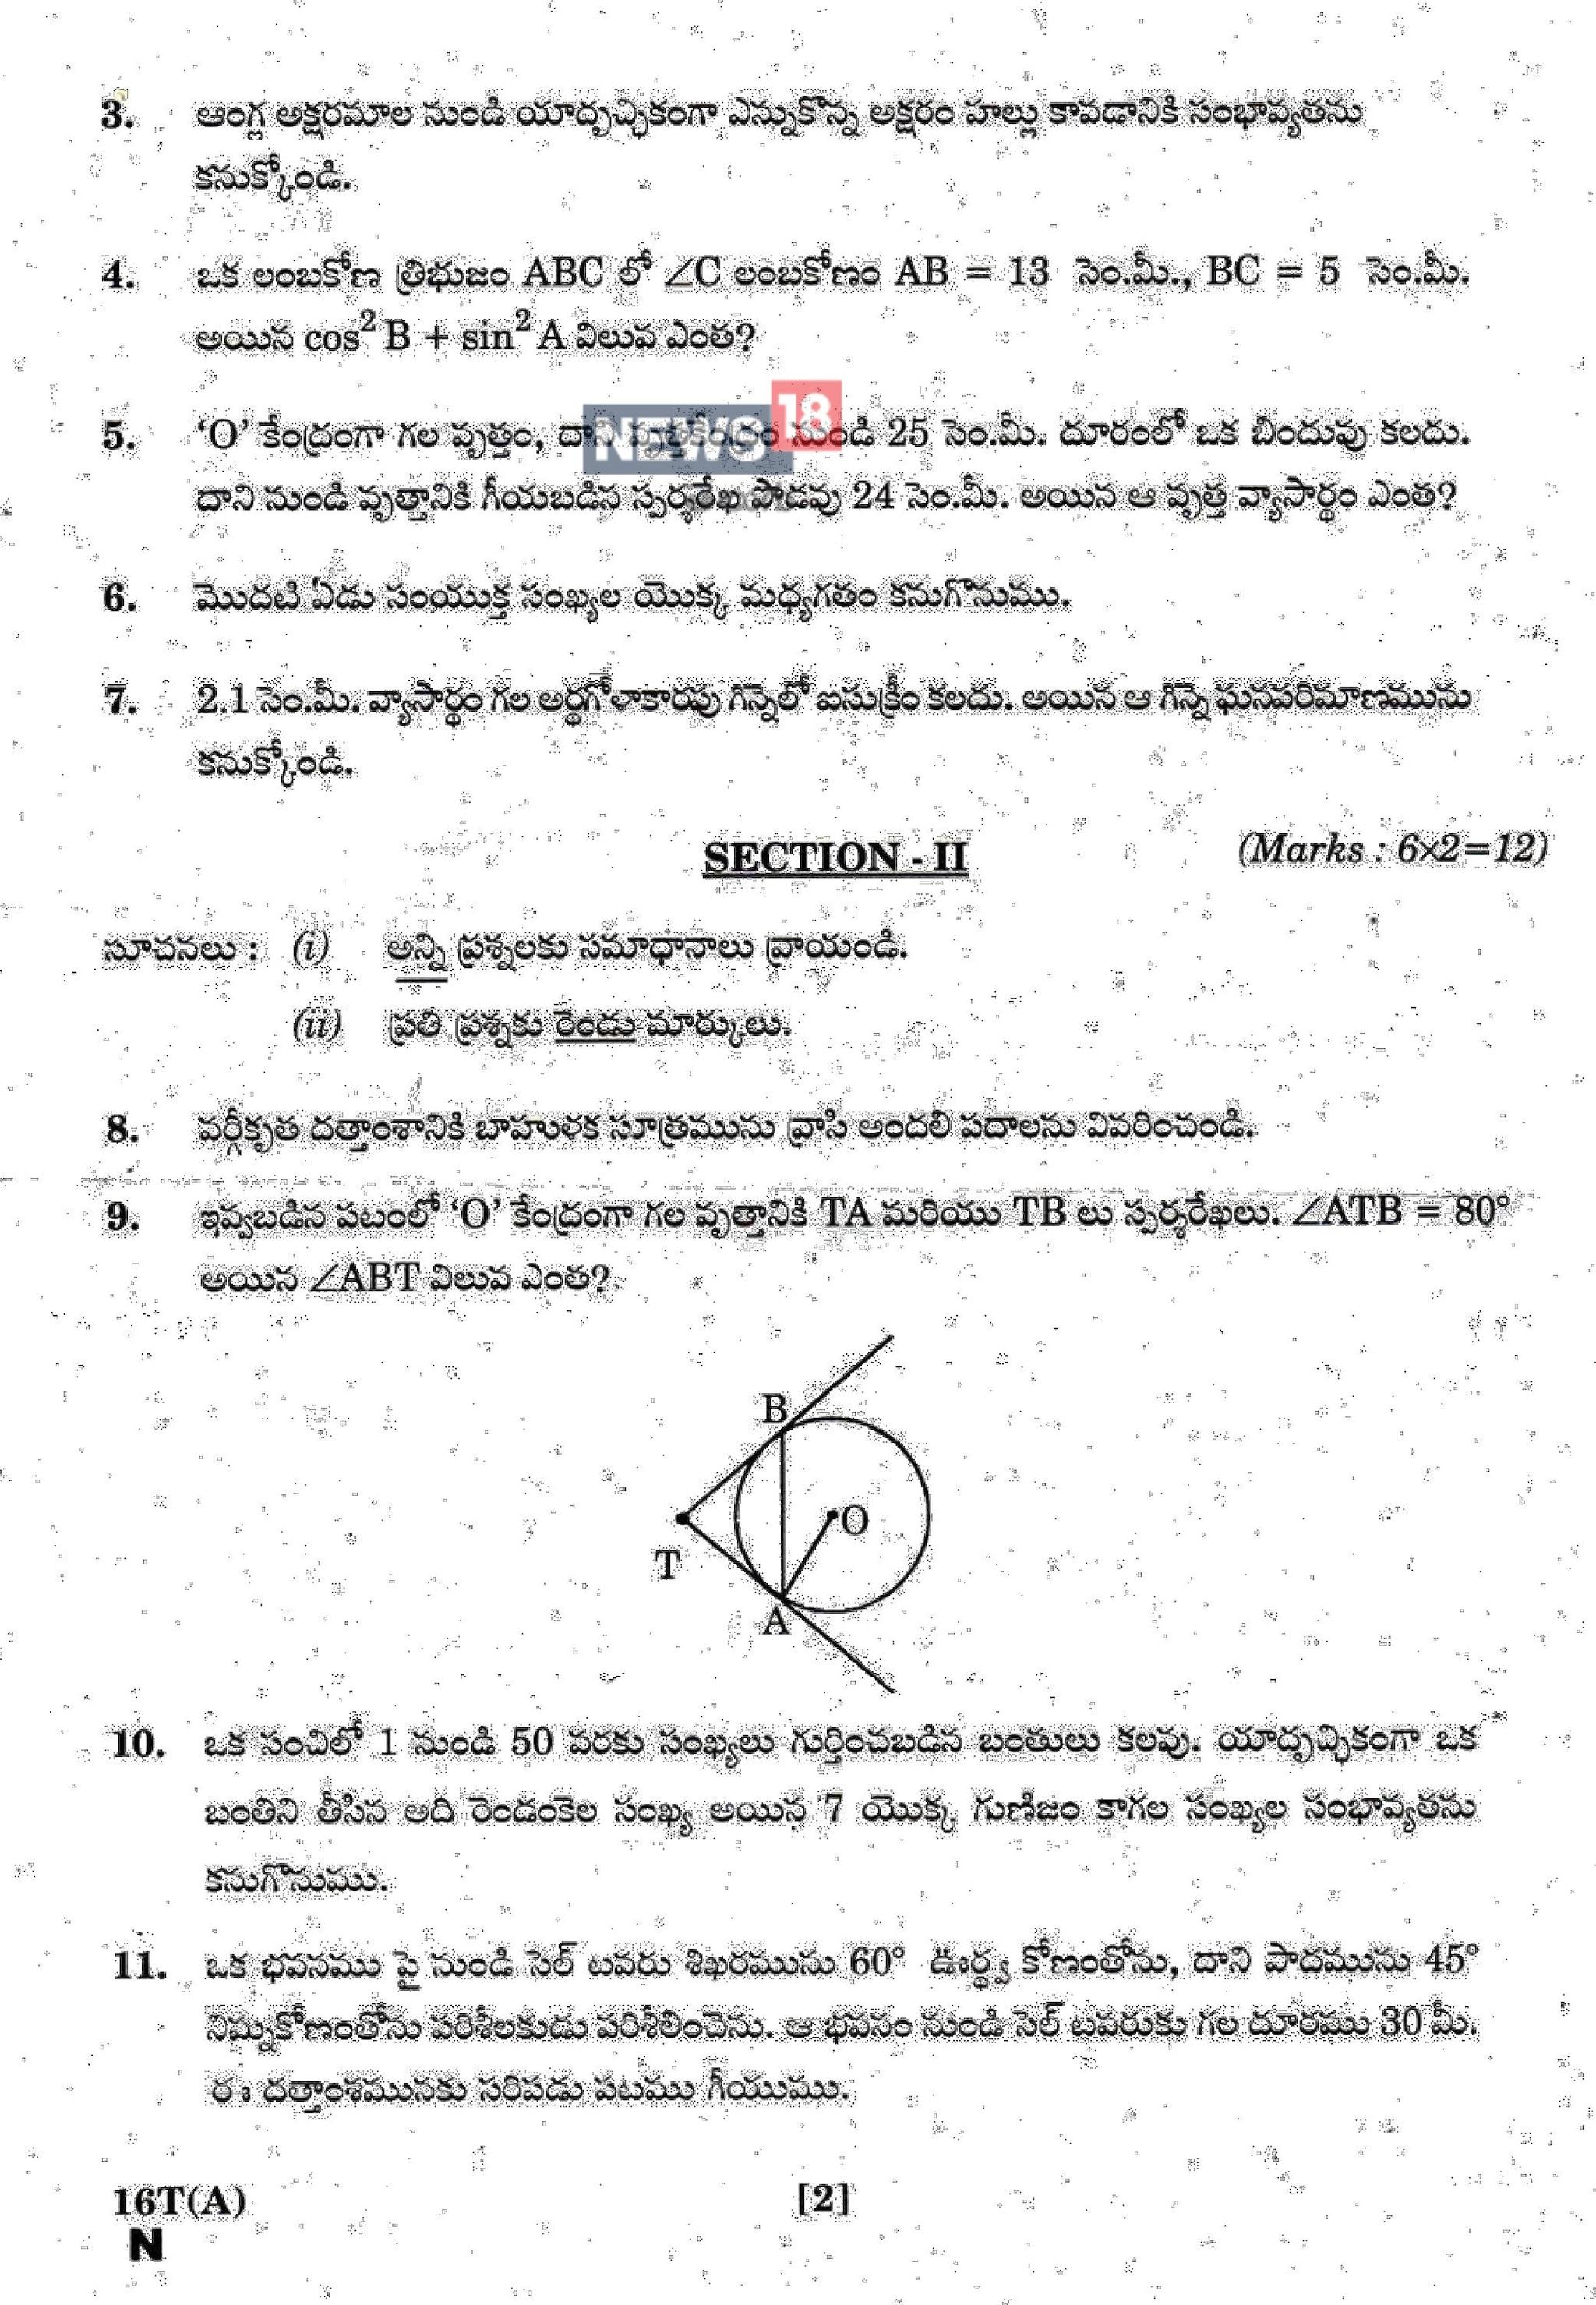 మ్యాథ్స్ పేపర్ 2(2019) తెలుగు మీడియం